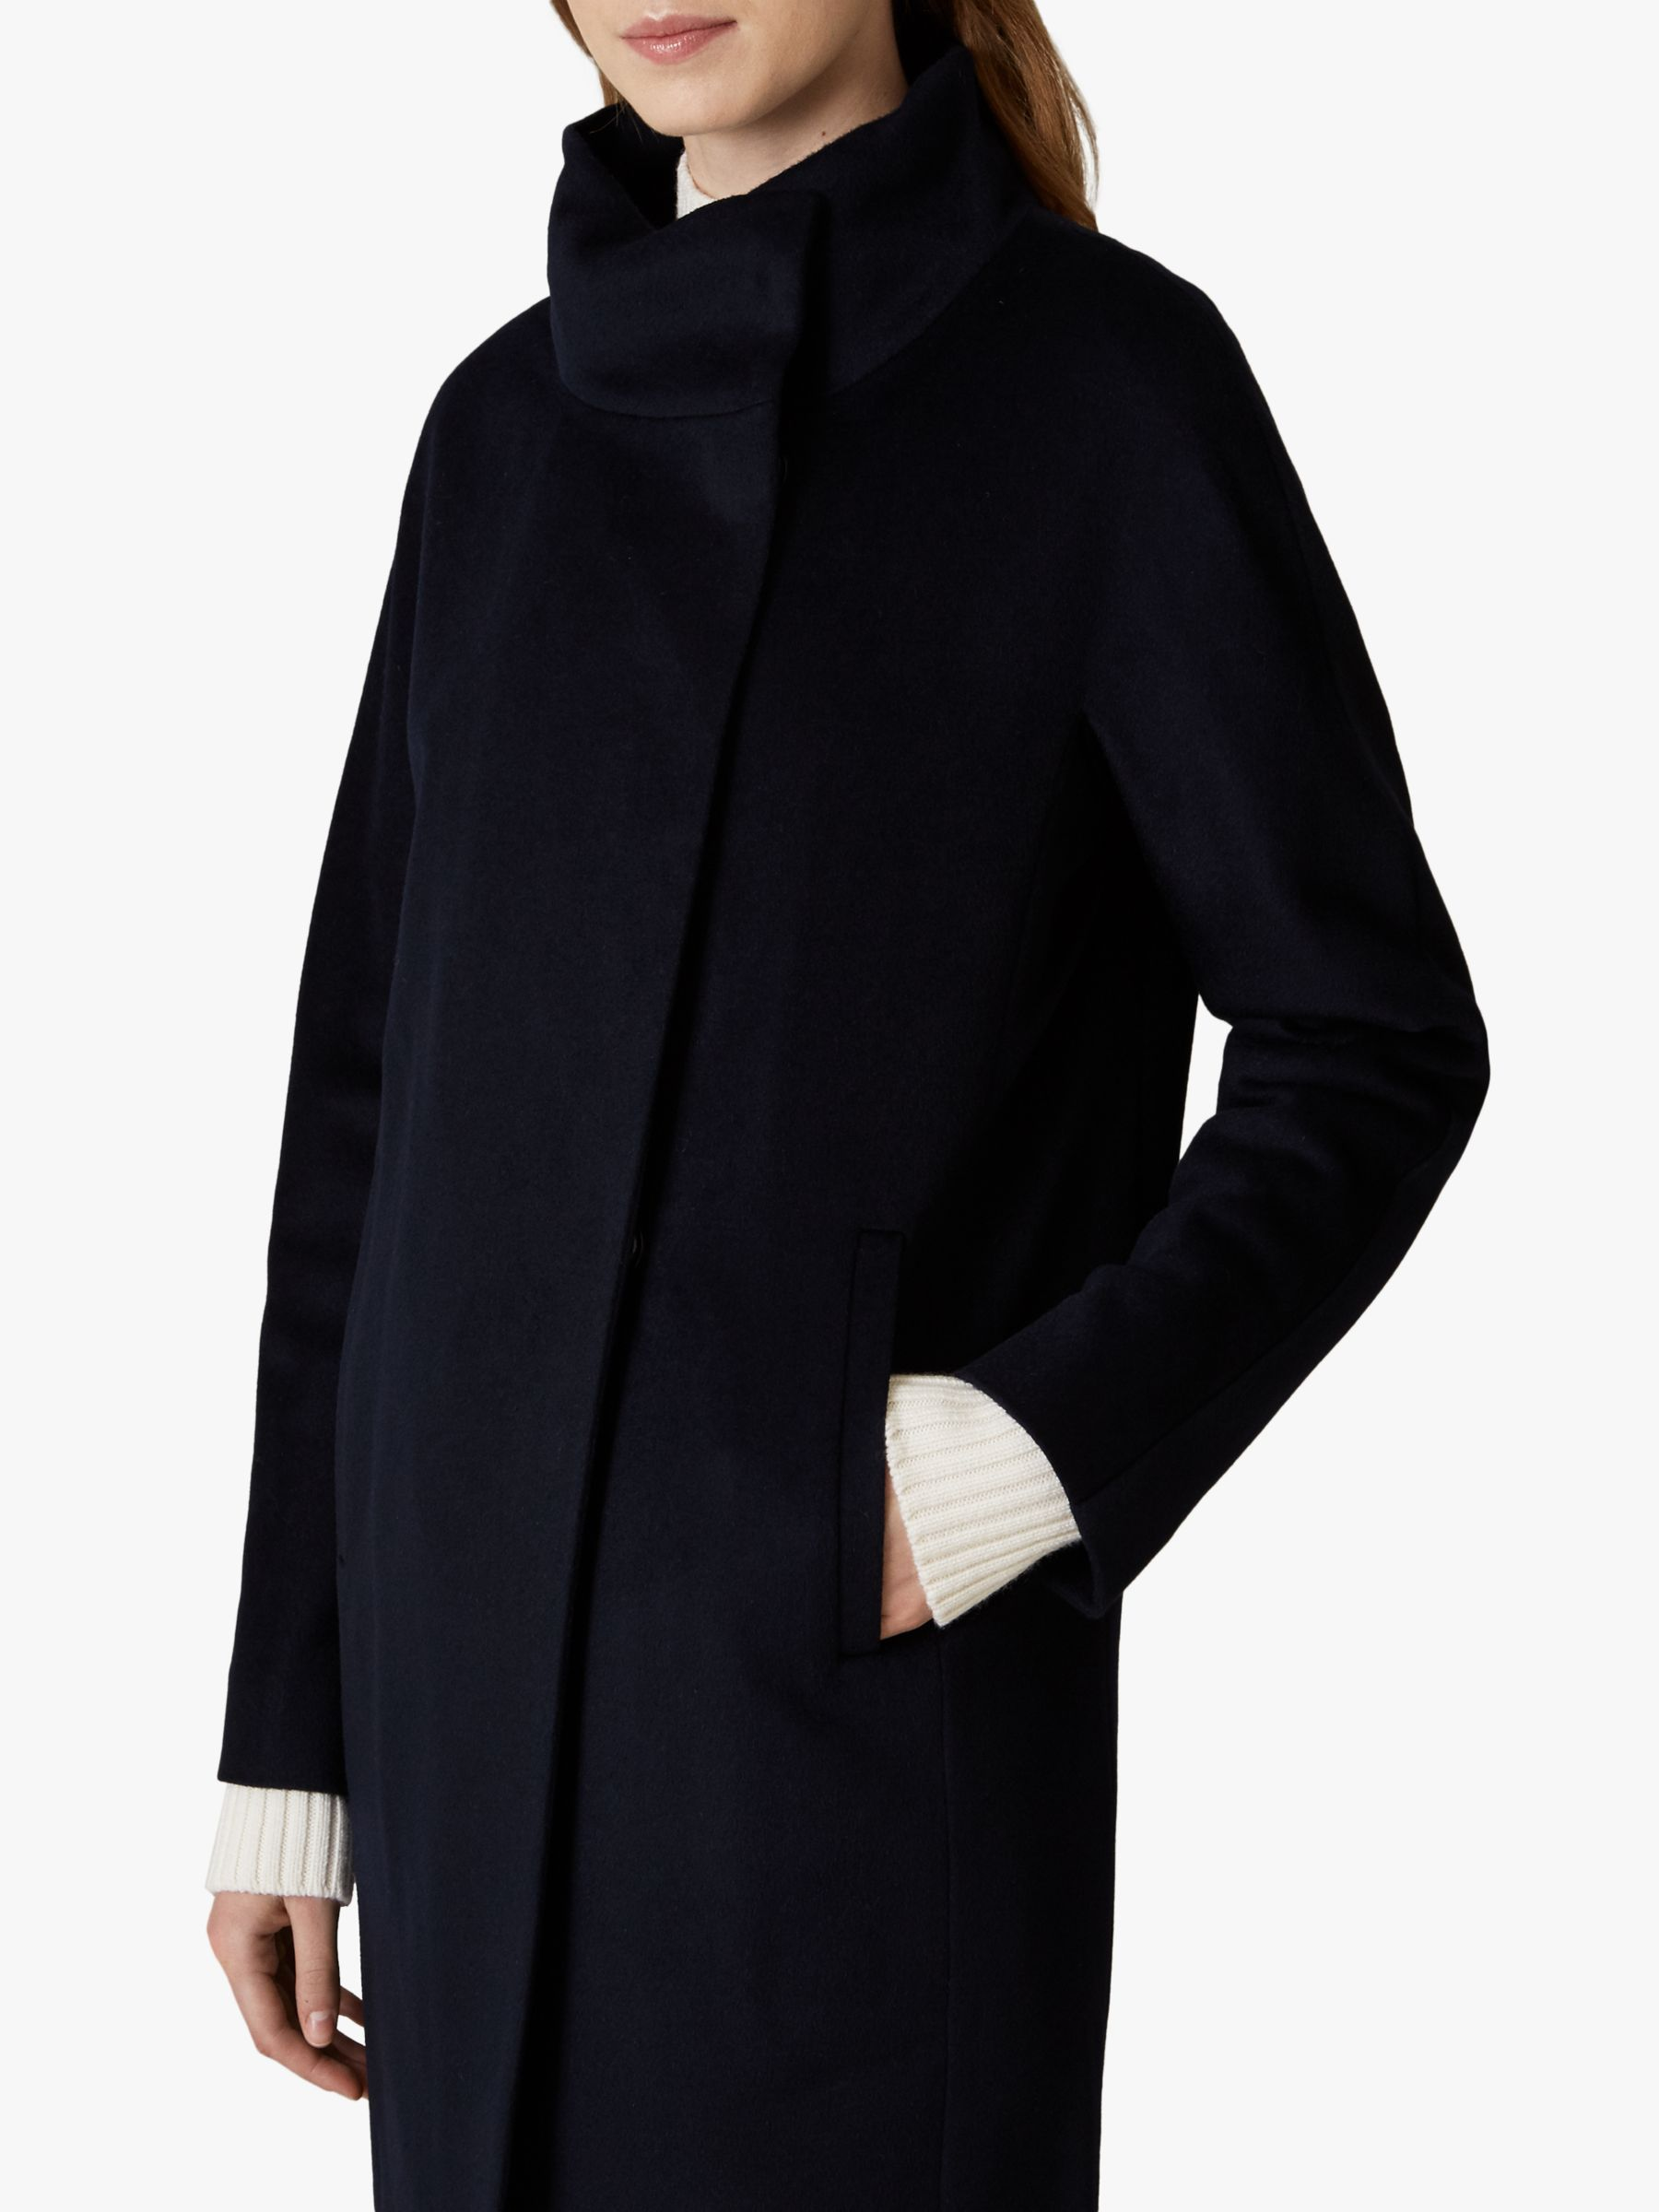 Jaeger Funnel Neck Wool Coat in 2020 Cocoon coat, Funnel